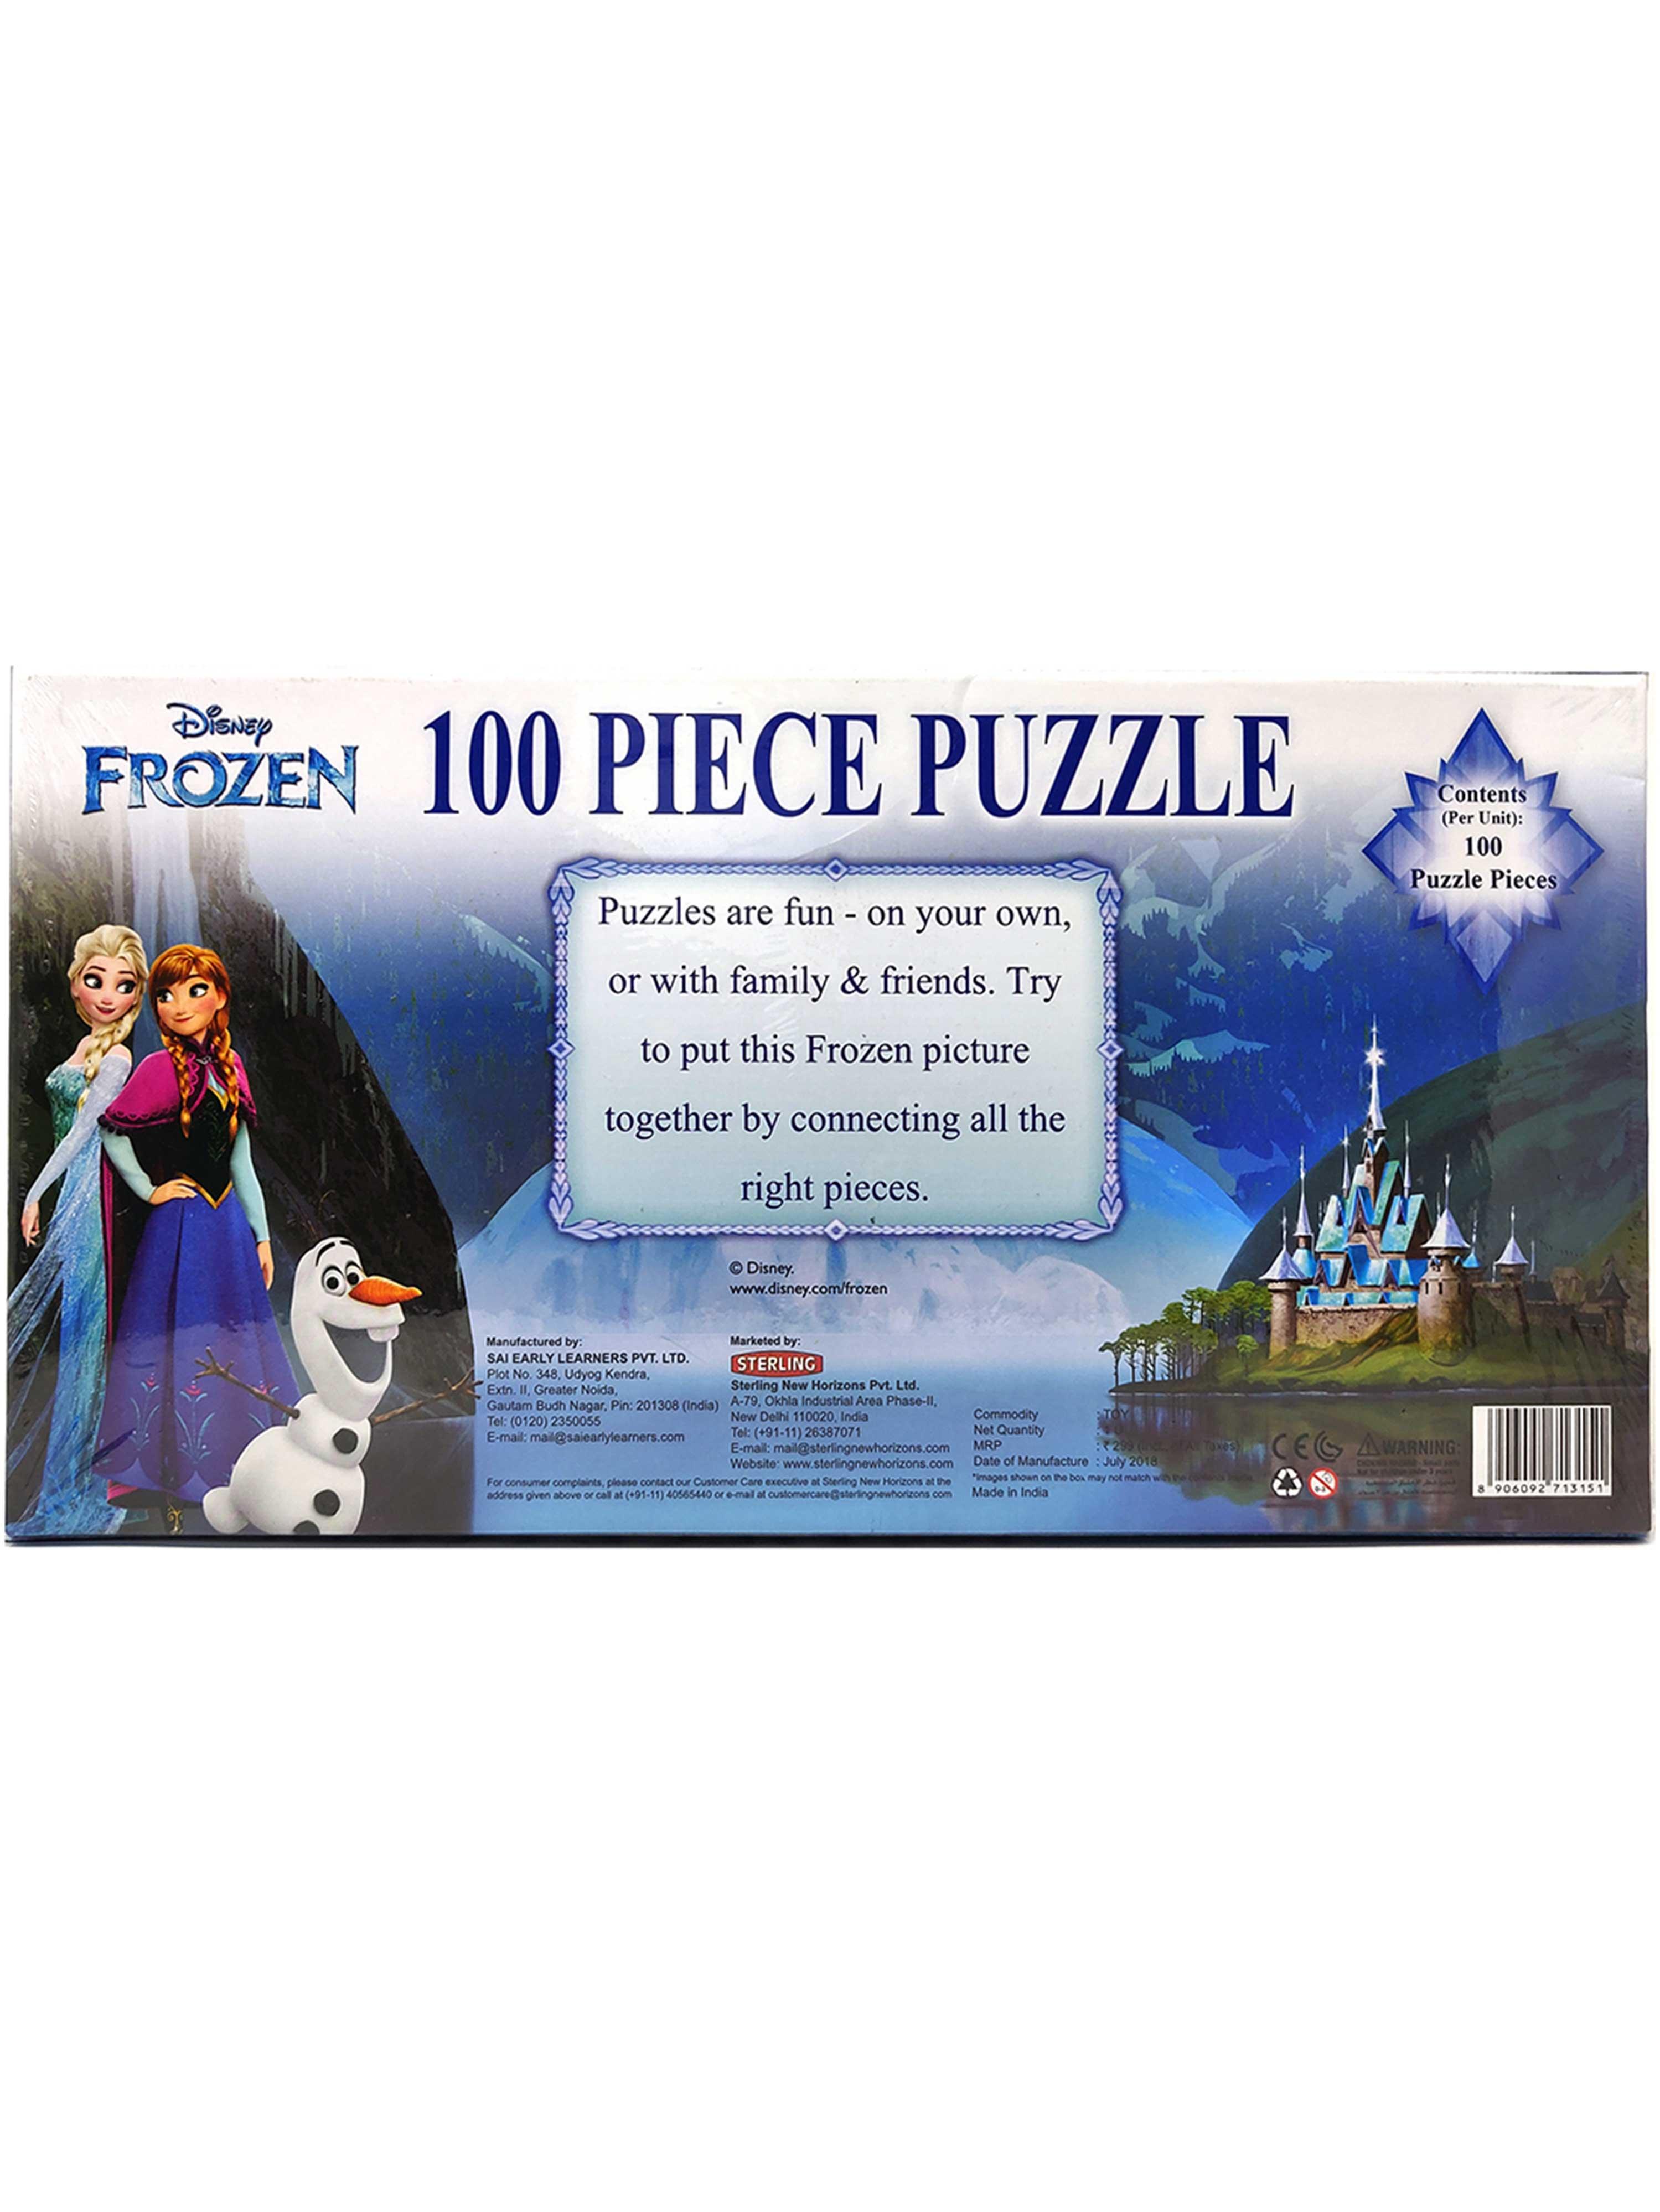 Disney Frozen 100 Piece Puzzle